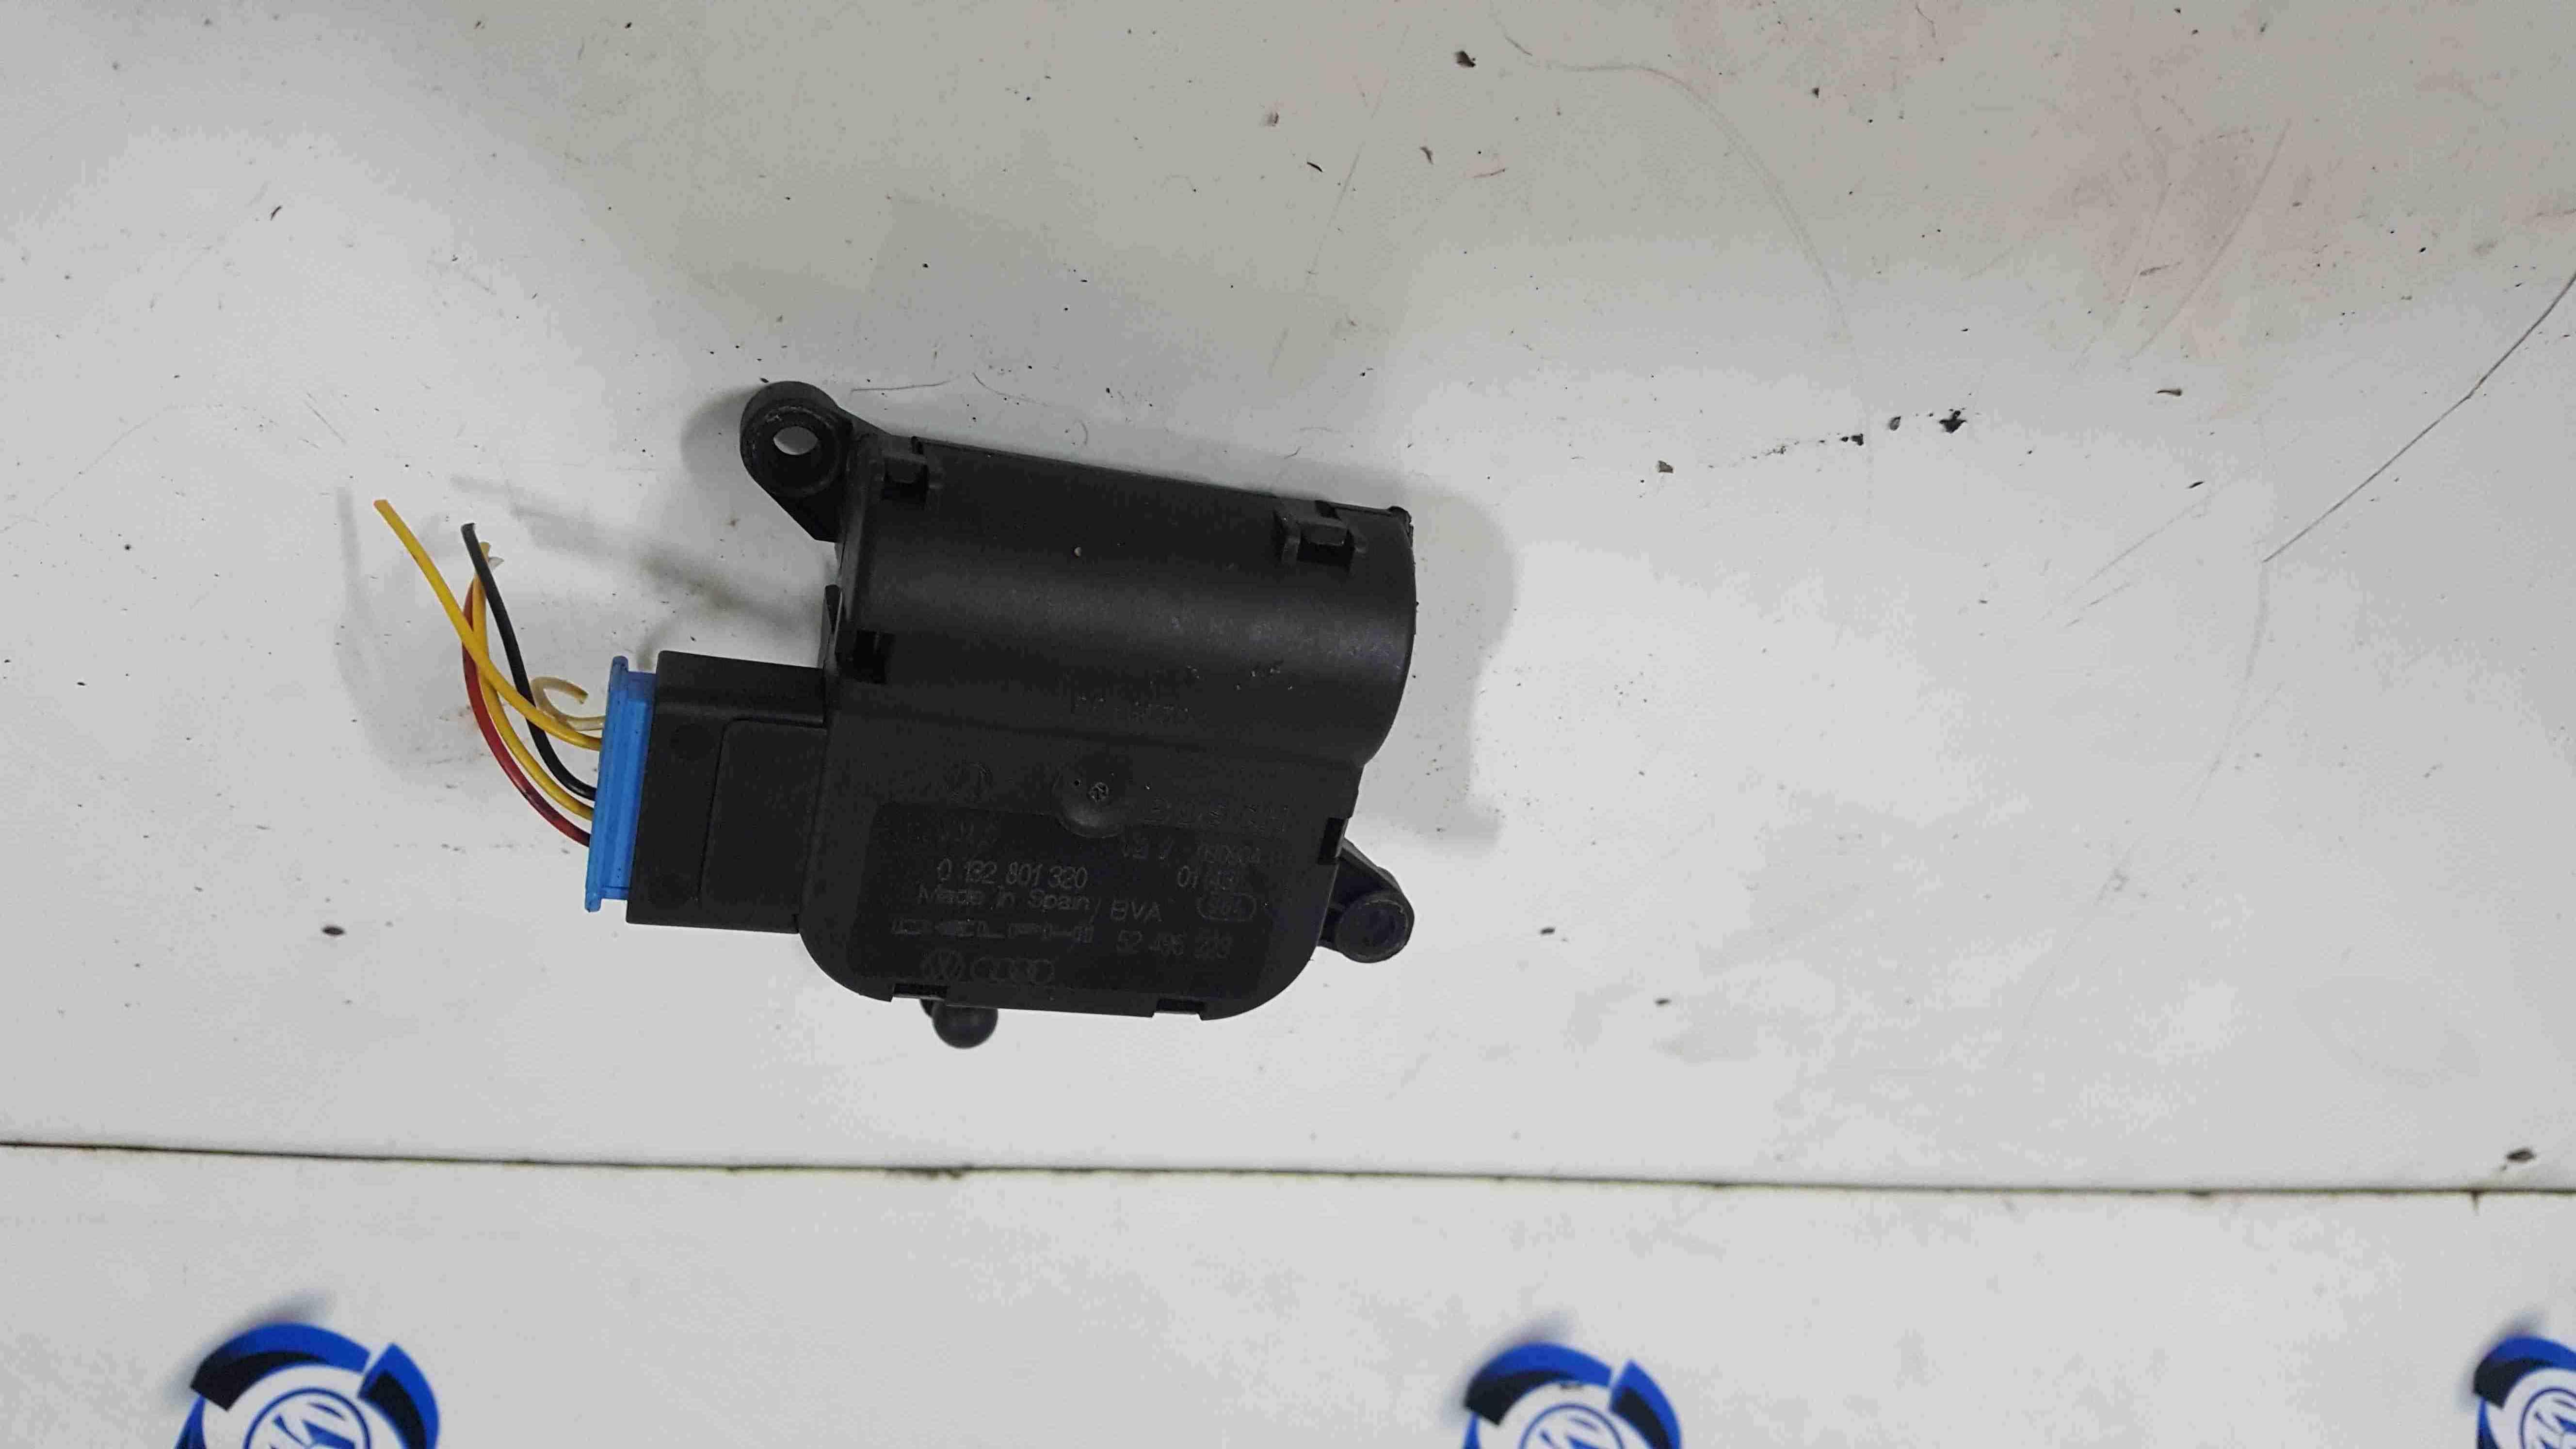 Volkswagen Touareg 2002-2007 Heater Actuator Solenoid 0132801320